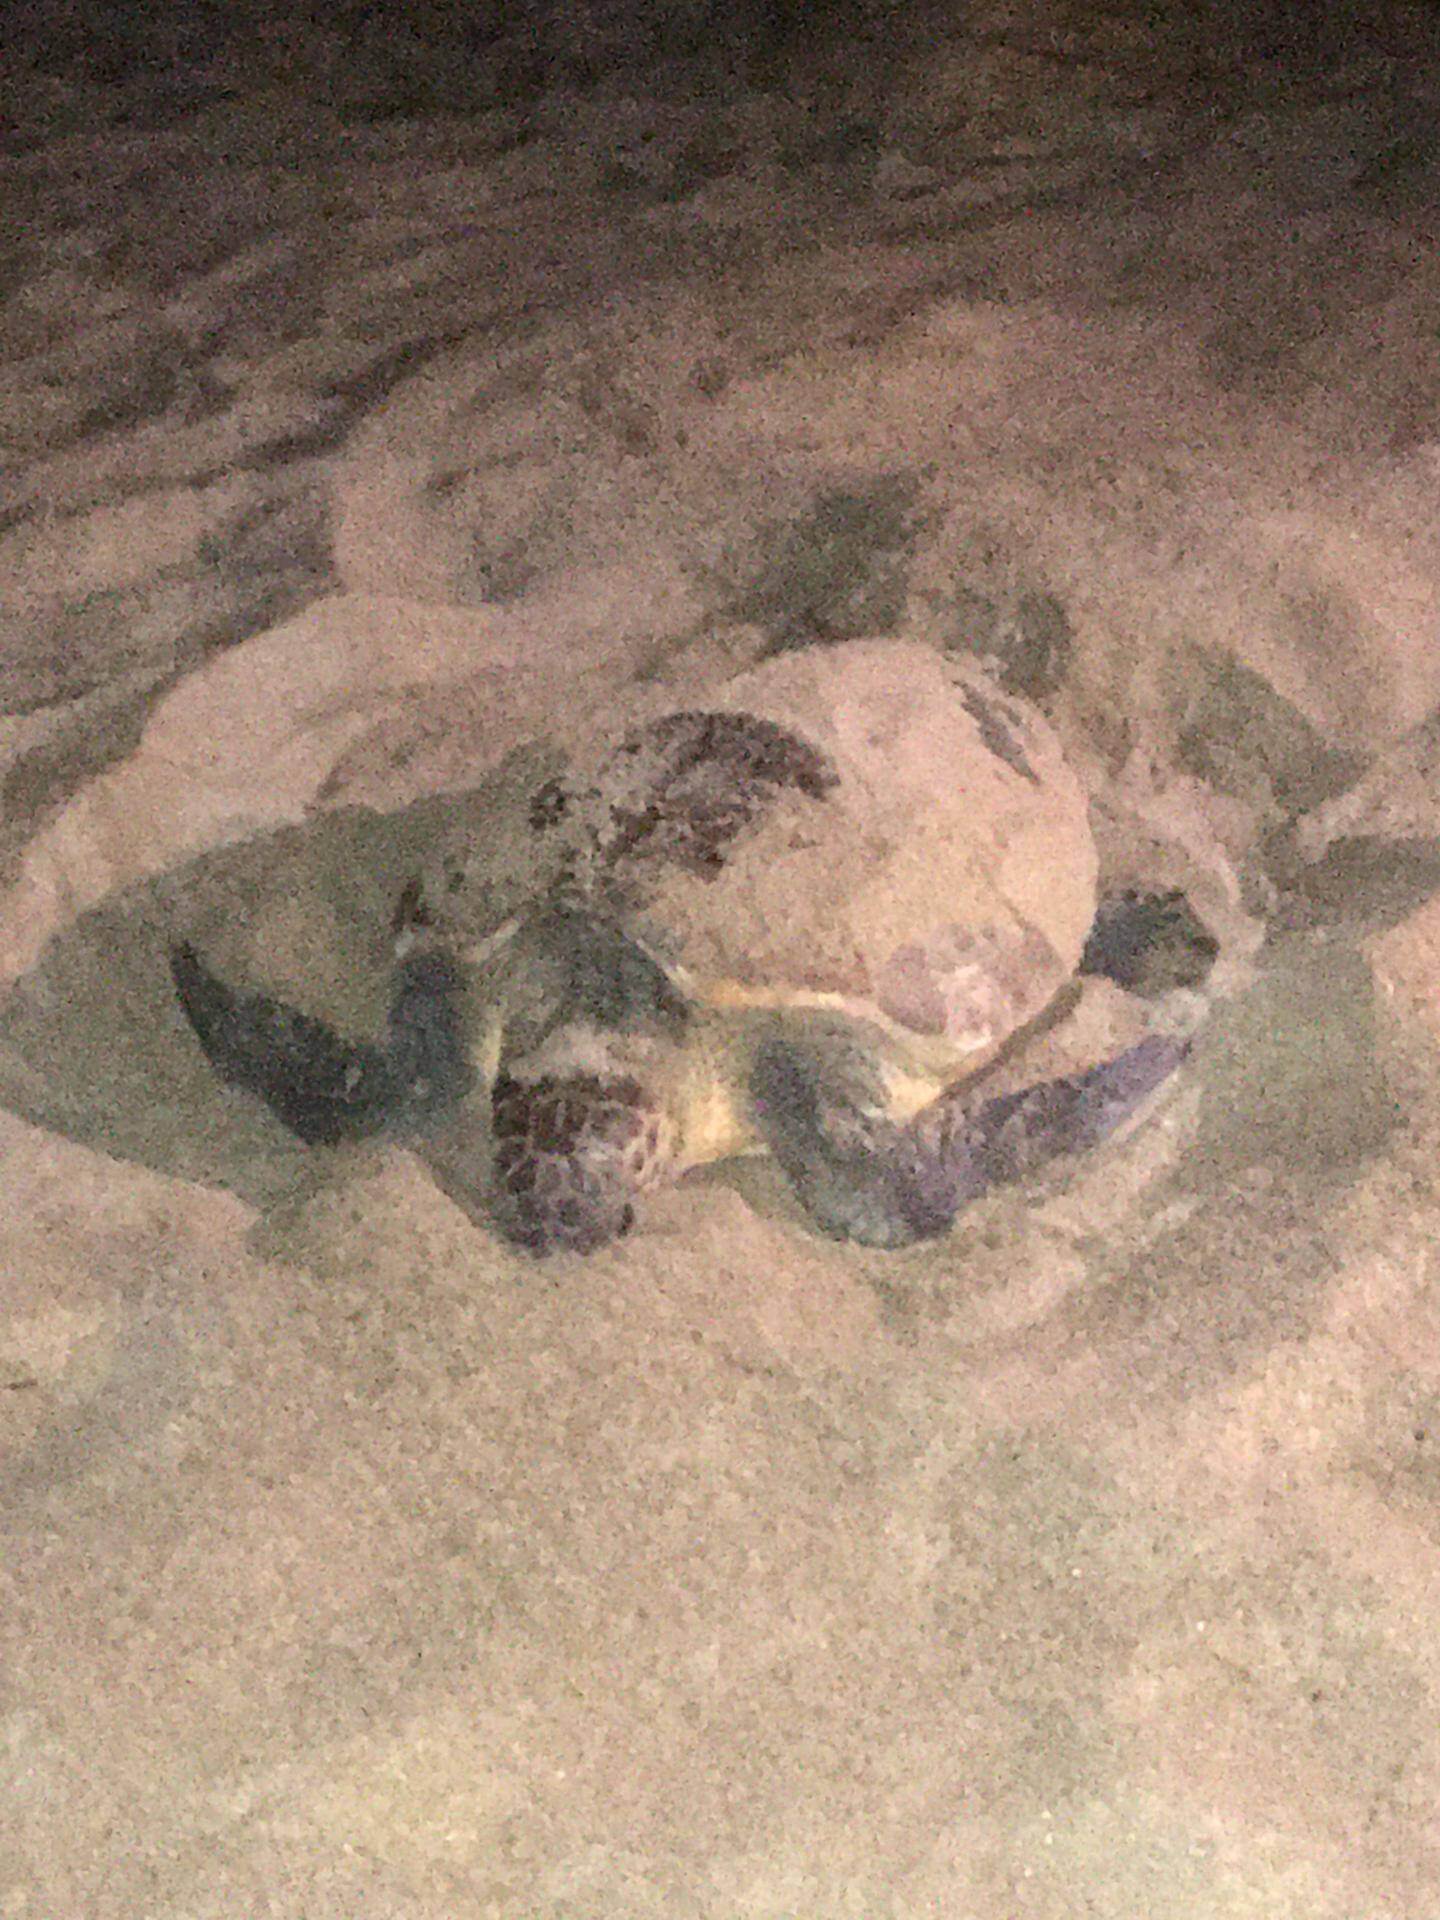 Aprés qu'elle eut fait son nid, le départ de la tortue caouanne a été immortalisé par un riverain.